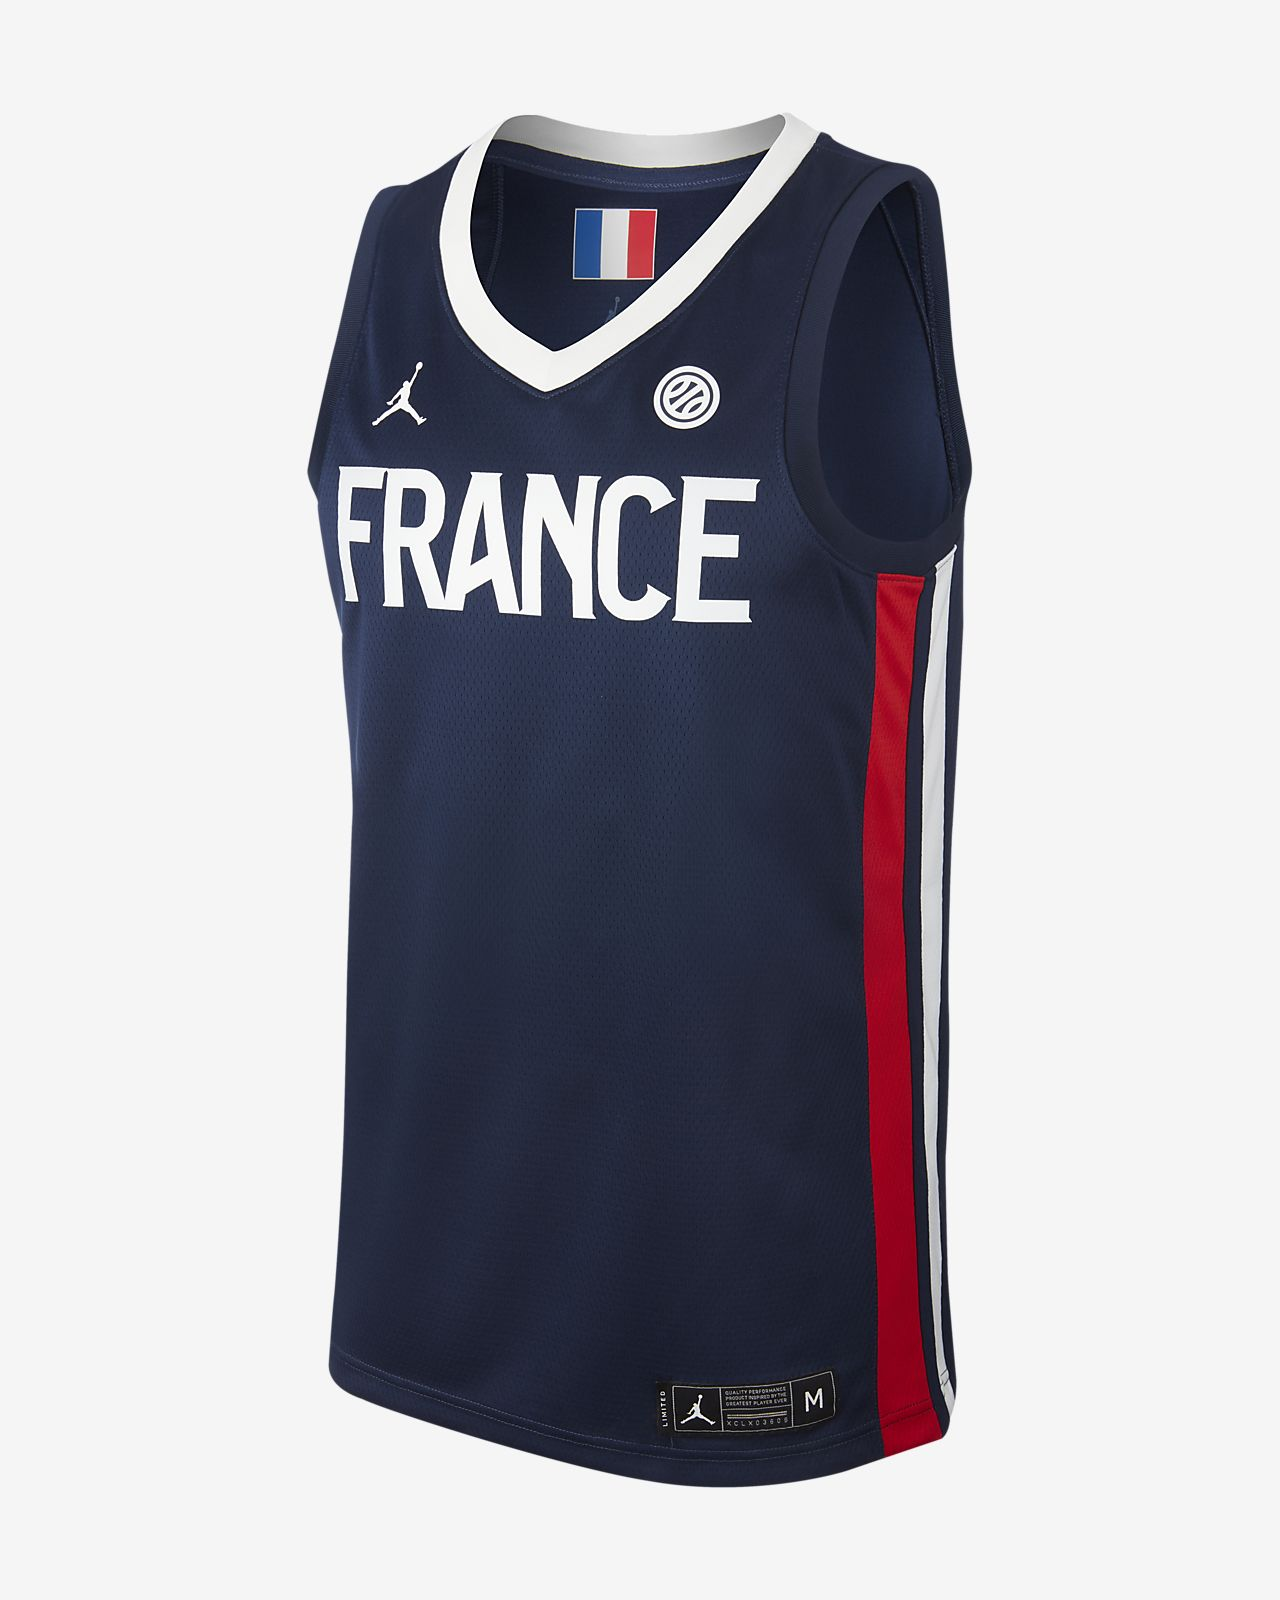 Ανδρική φανέλα μπάσκετ France Jordan (Road)